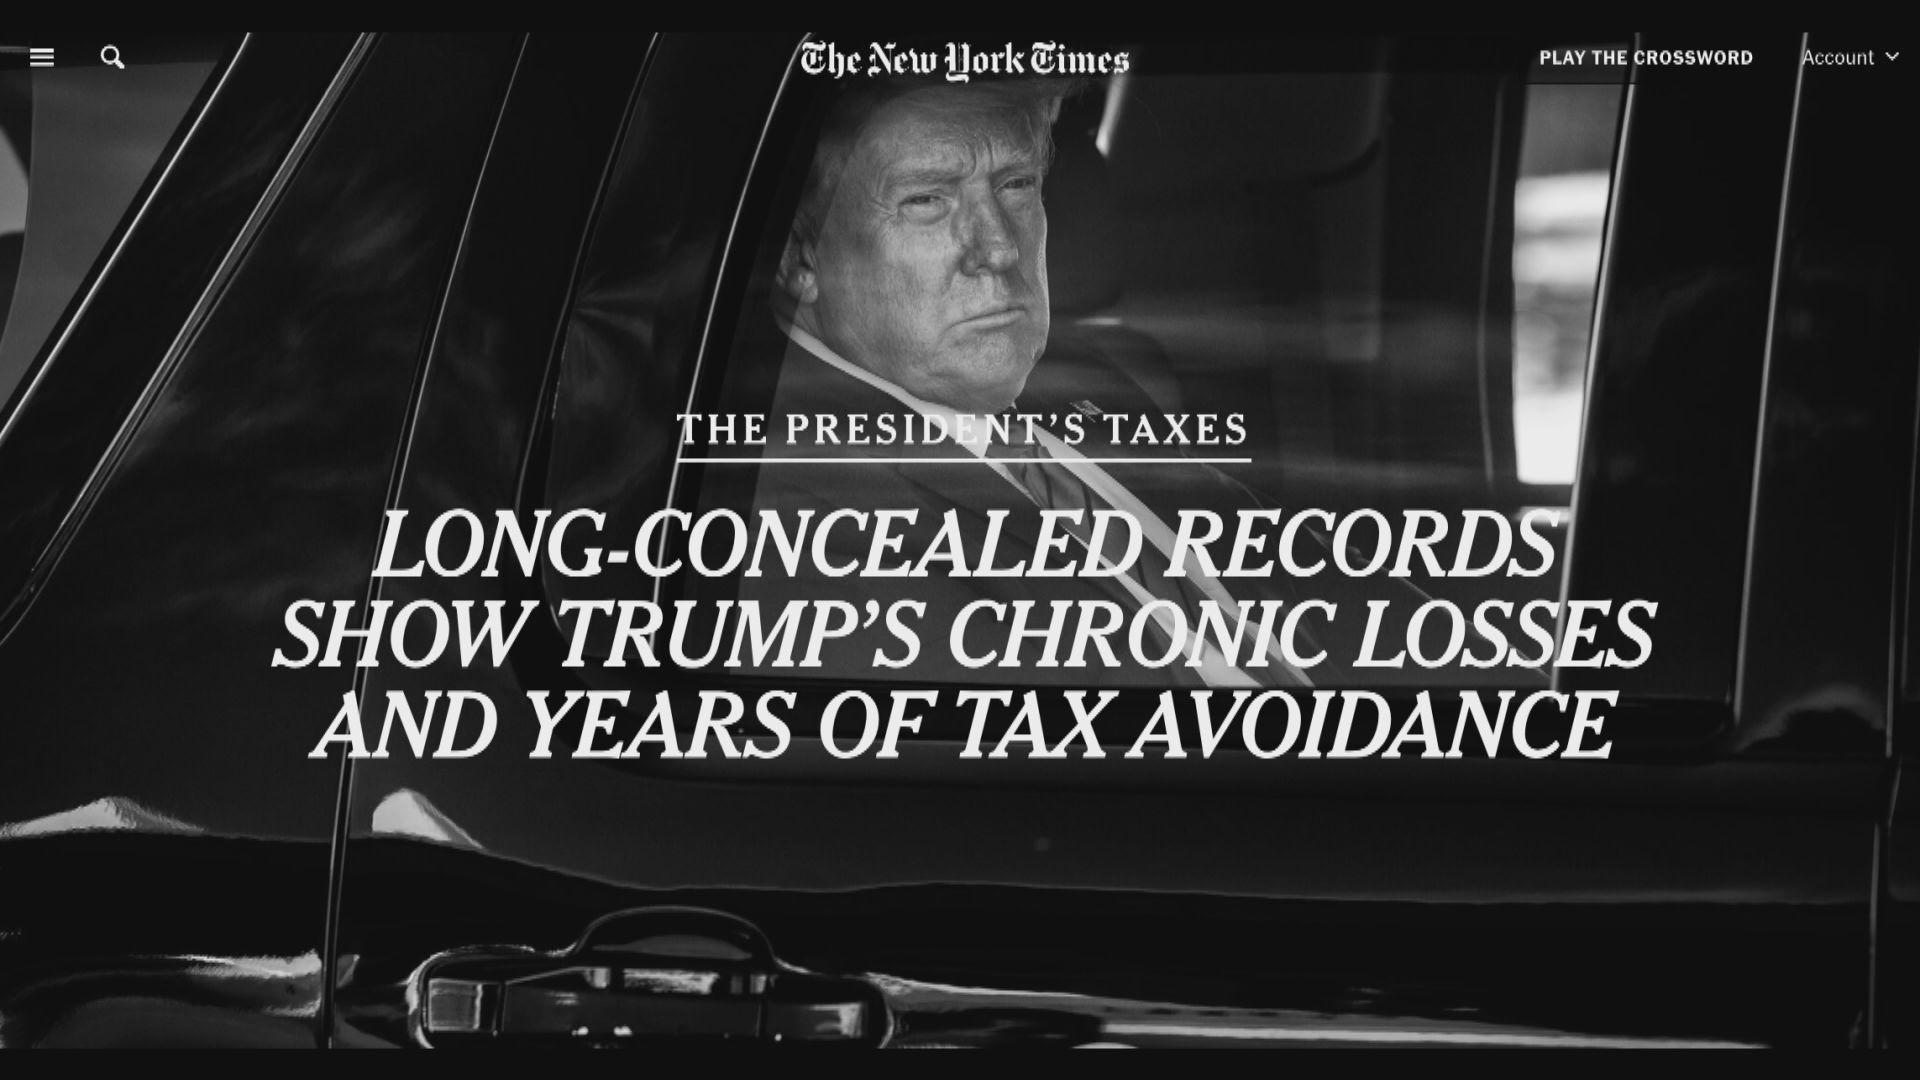 《紐約時報》指特朗普因集團虧蝕極少繳聯邦所得稅